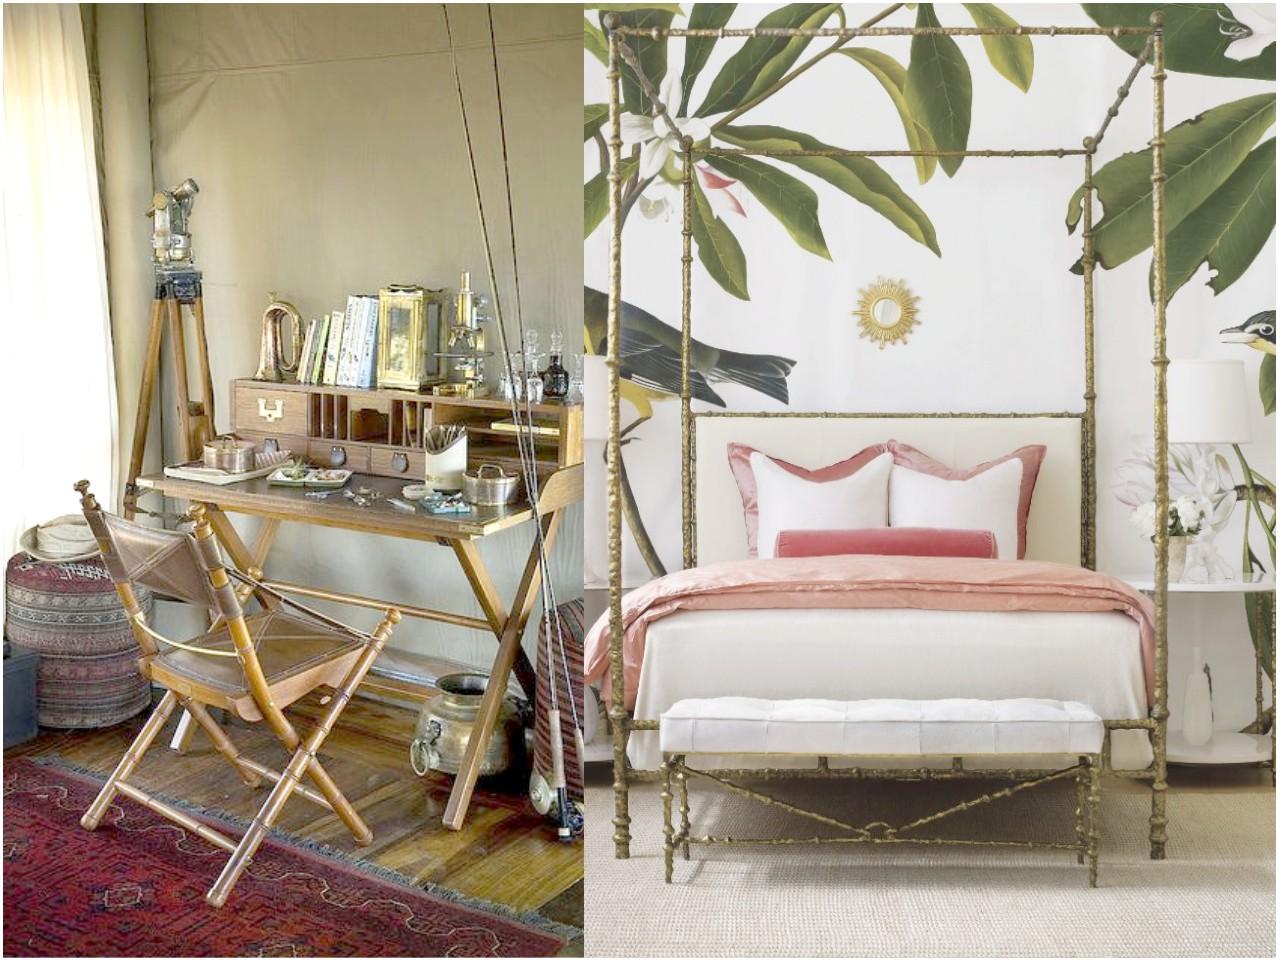 Consigue un dormitorio de estilo colonial en 7 pasos - Decorar con estilo ...